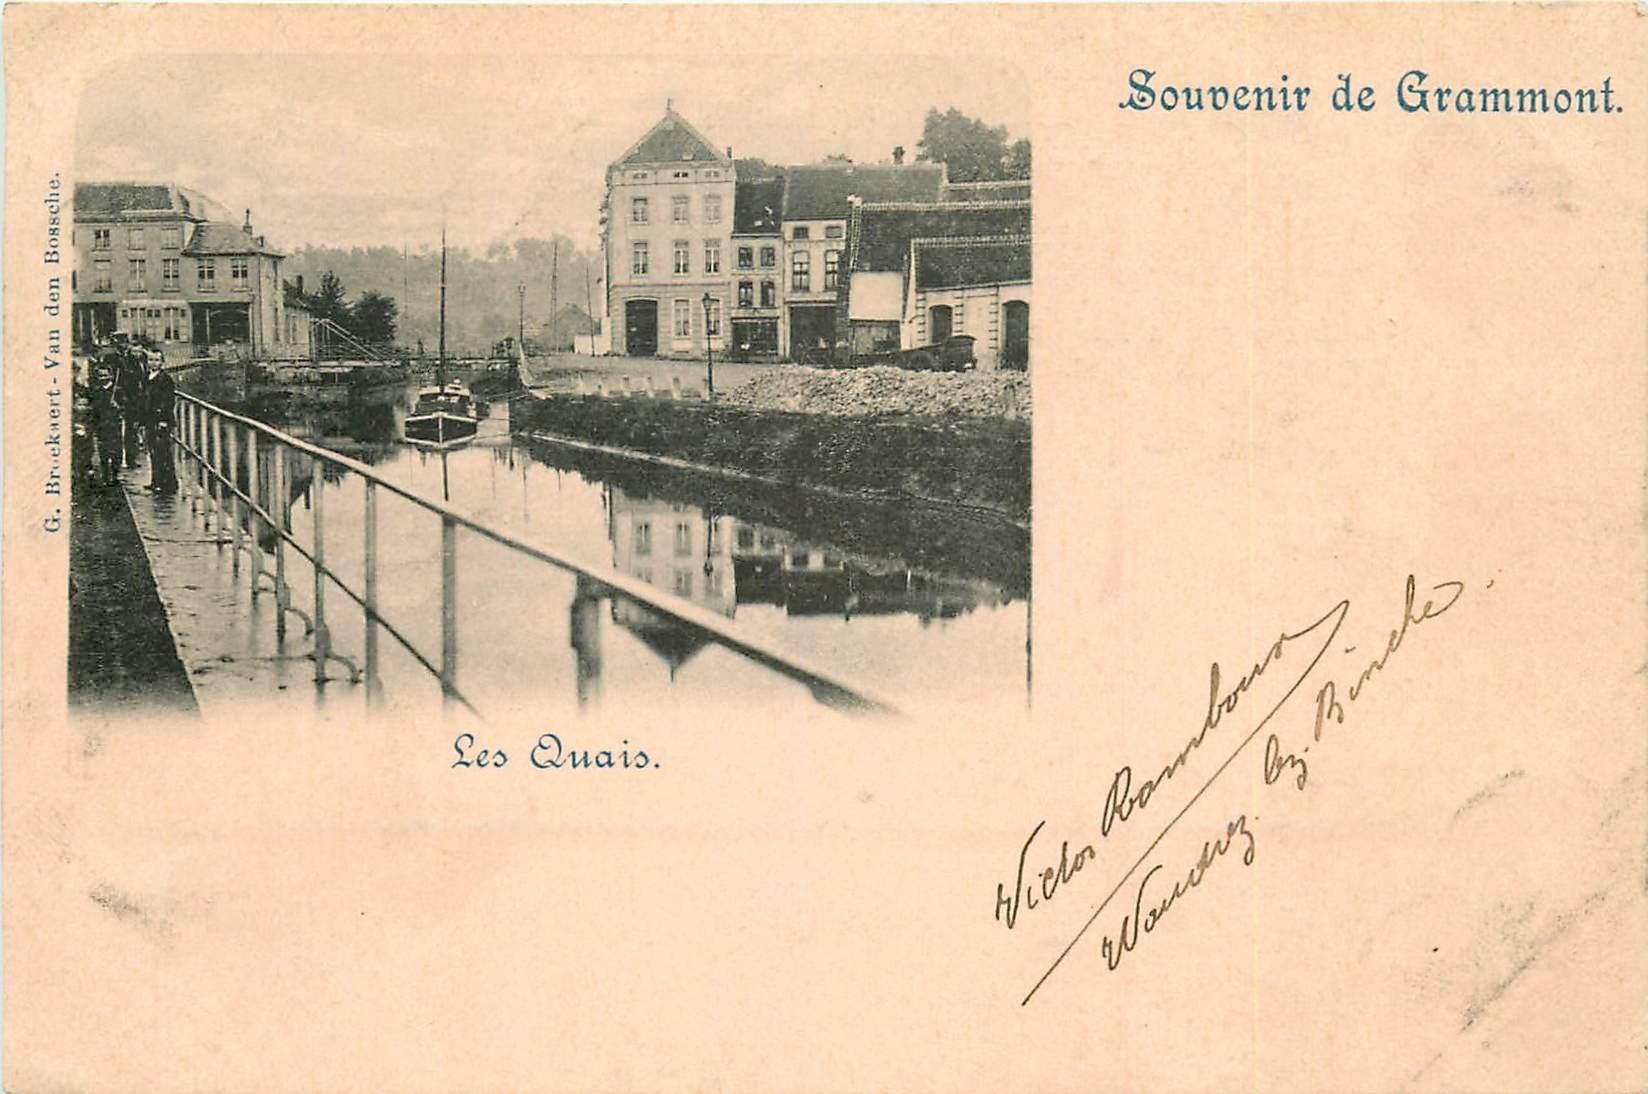 BELGIQUE. Les Quais à Grammont 1902